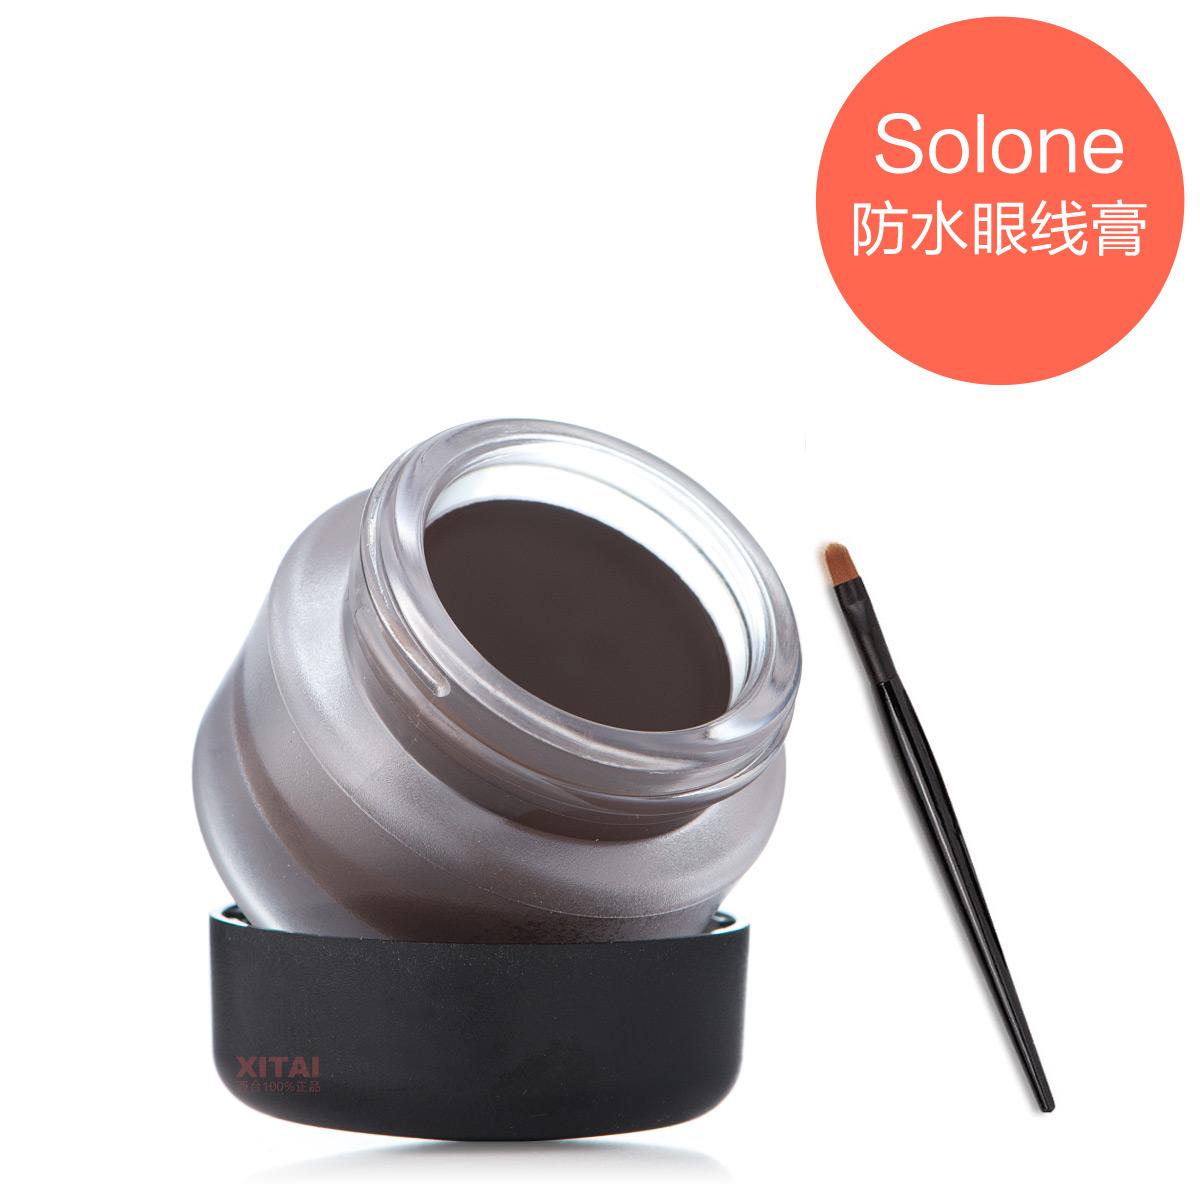 送眼线刷 台湾Solone花漾星灿防水眼线胶笔眼线膏  持久不晕染